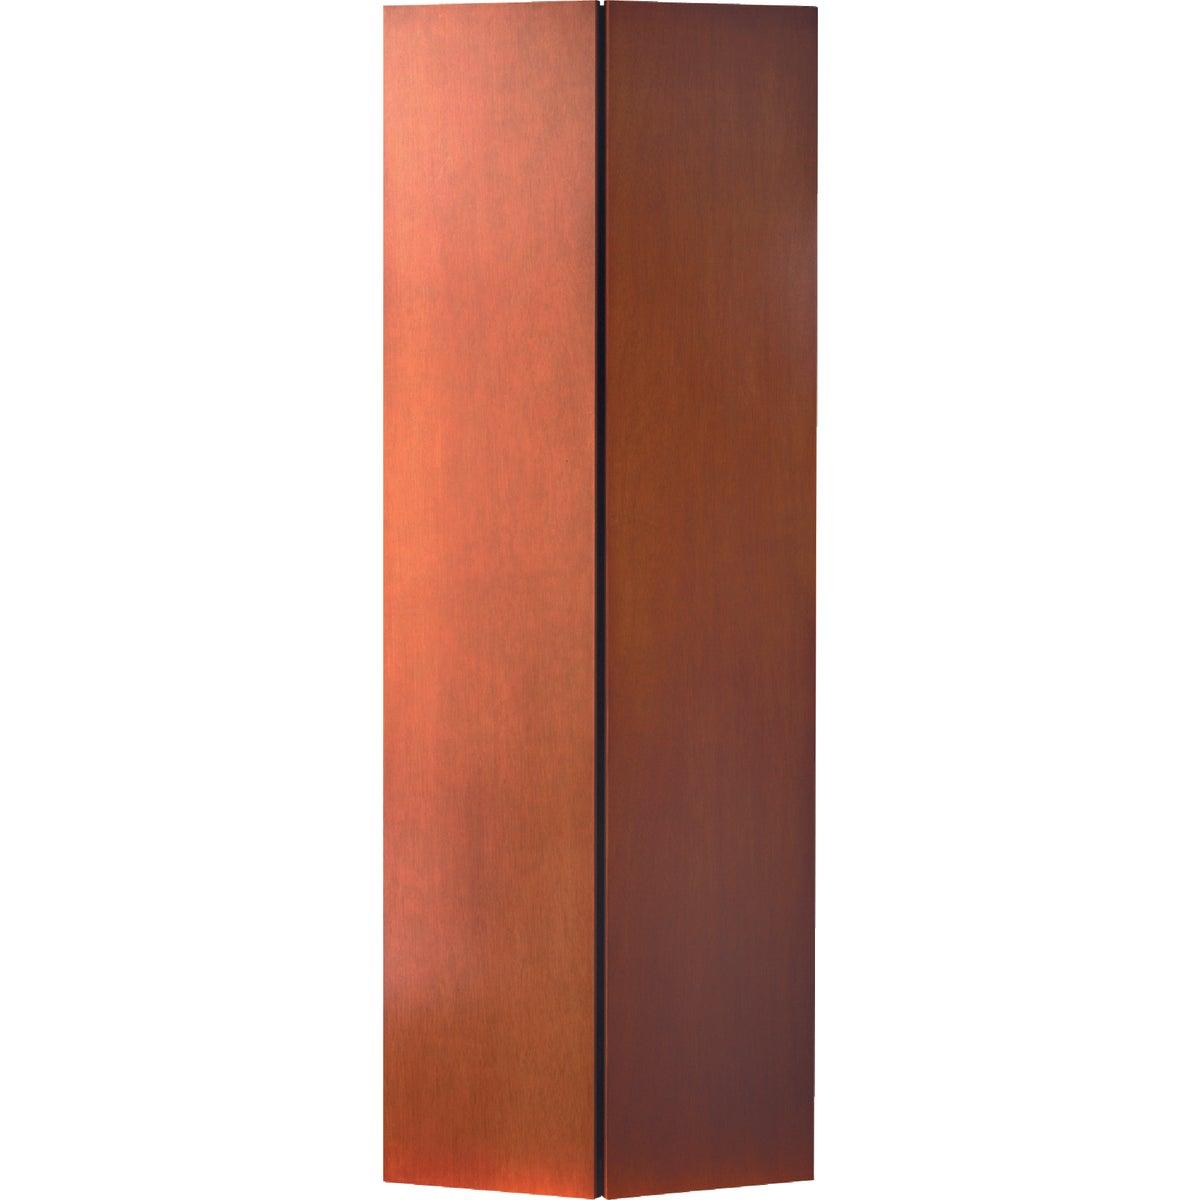 6/0 1-3/8 LUAN BFLD DOOR